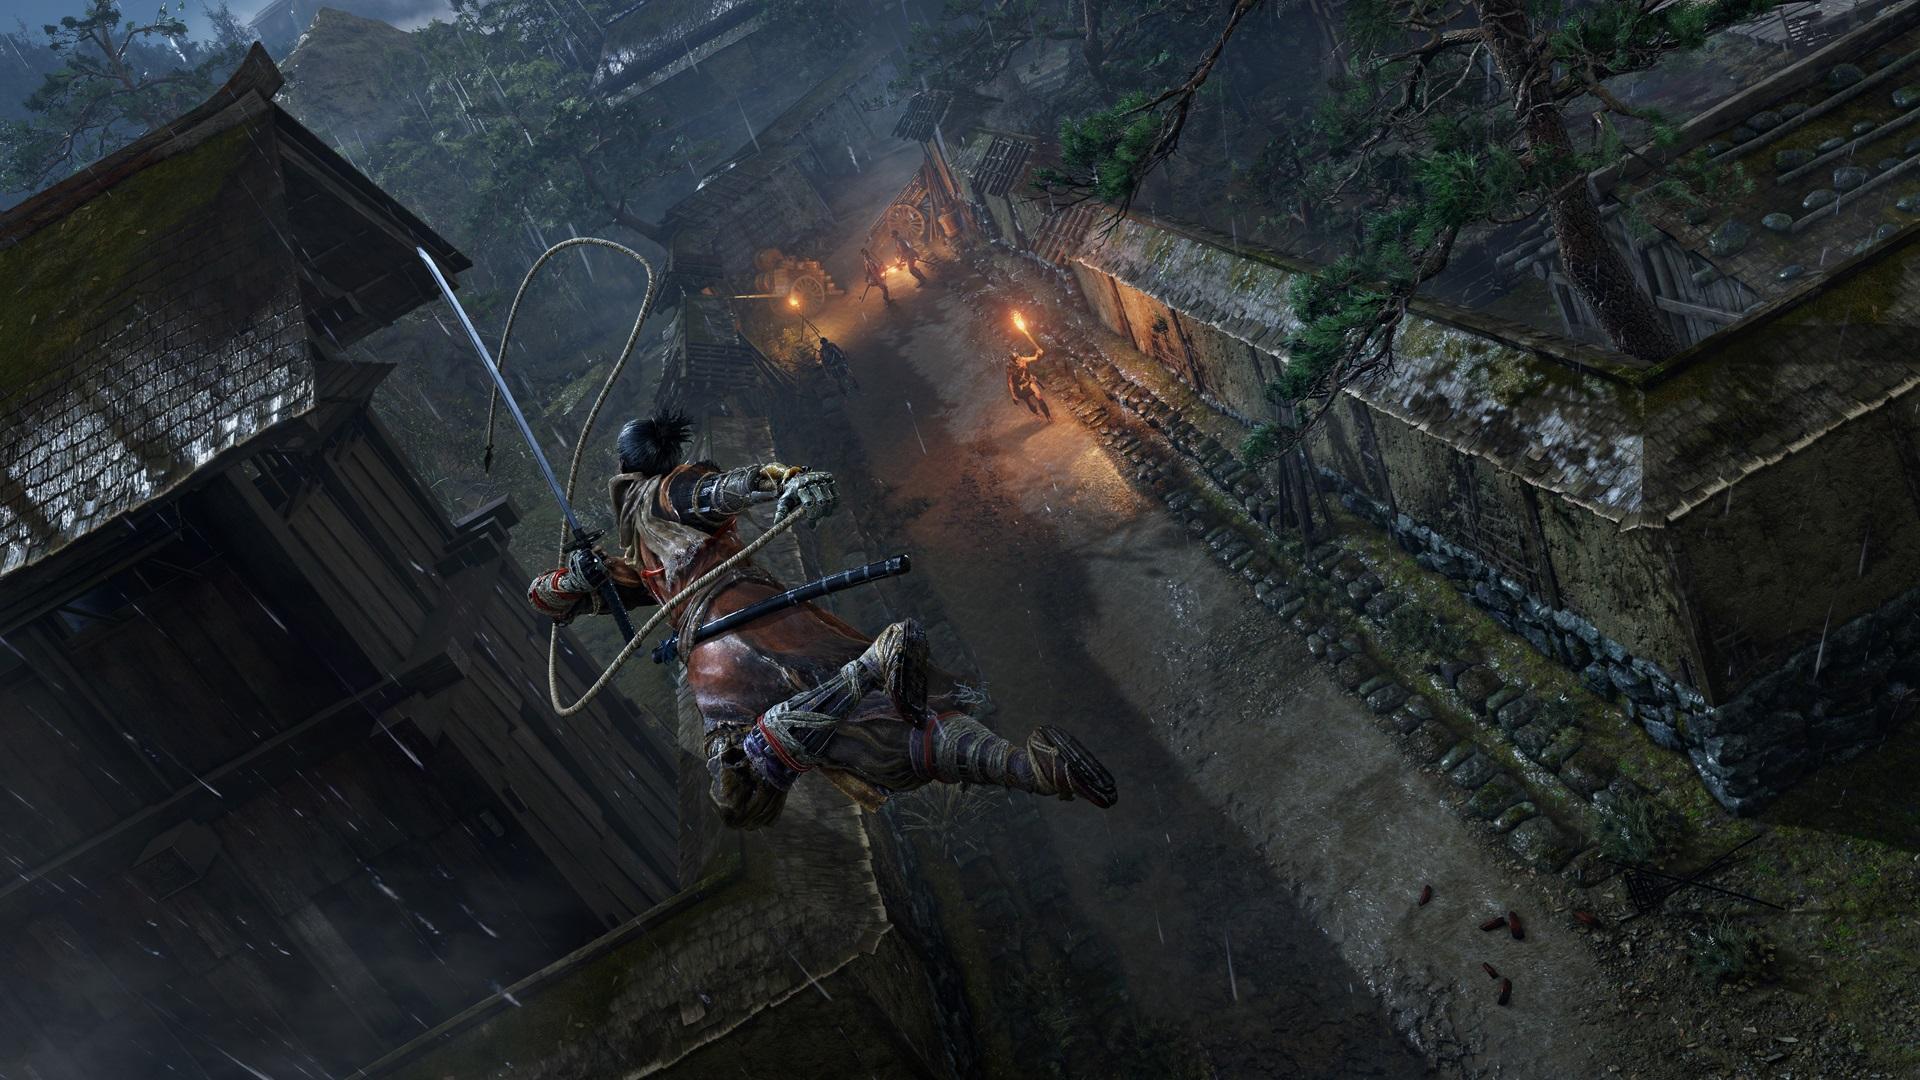 《只狼》 包含玩家熟悉的中心区域 三名NPC全程辅助